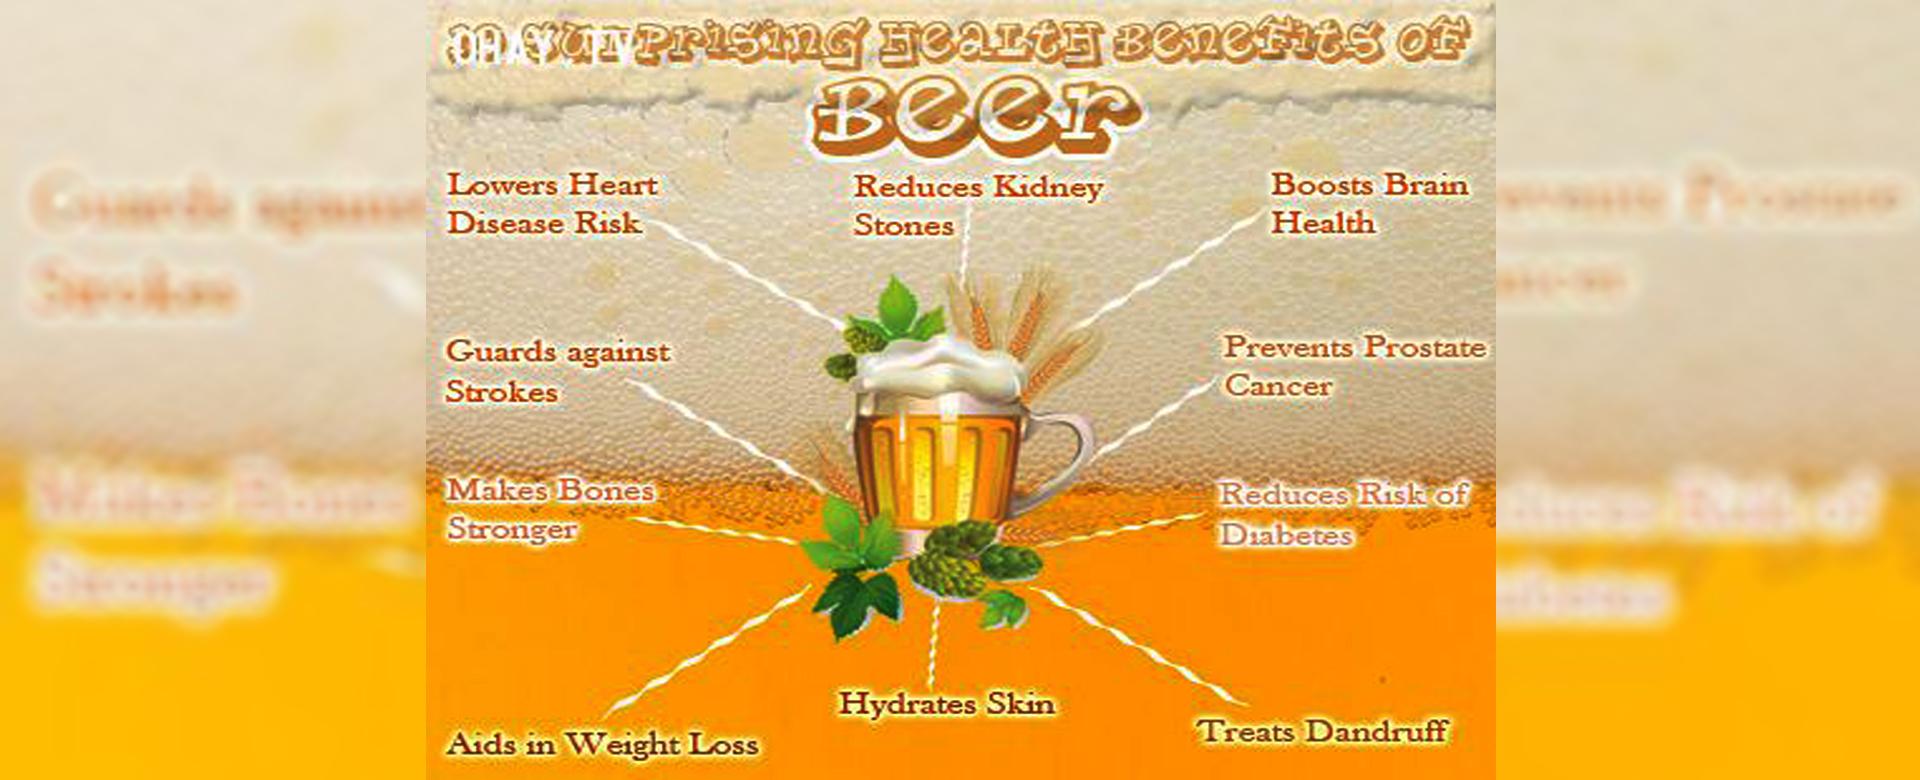 Nếu bạn từng nghĩ uống bia chỉ hại người chứ chẳng có lợi lộc gì thì hãy đọc bài viết sau để khám phá những lợi ích tuyệt vời của nó nhé!